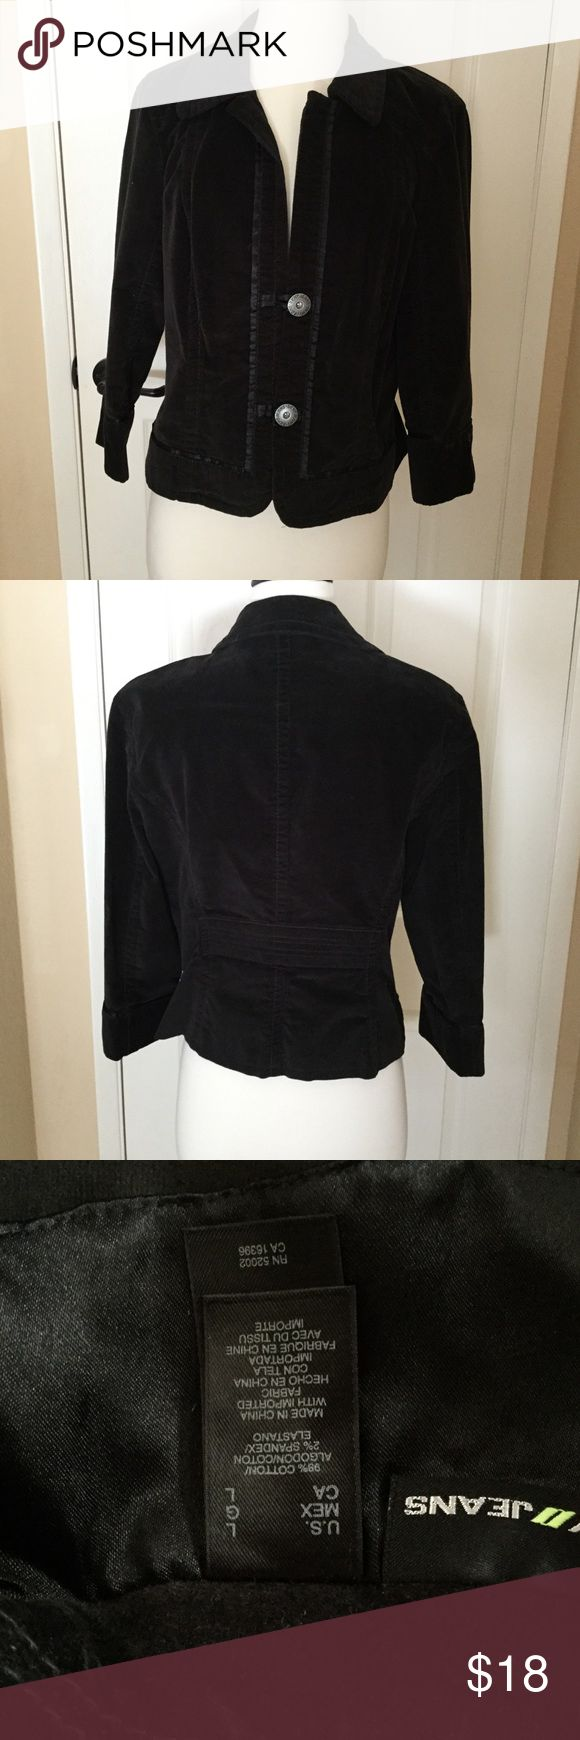 DKNY Black Velvet Jacket Black Velvet large TSS Good condition DKNY Jackets & Coats Blazers